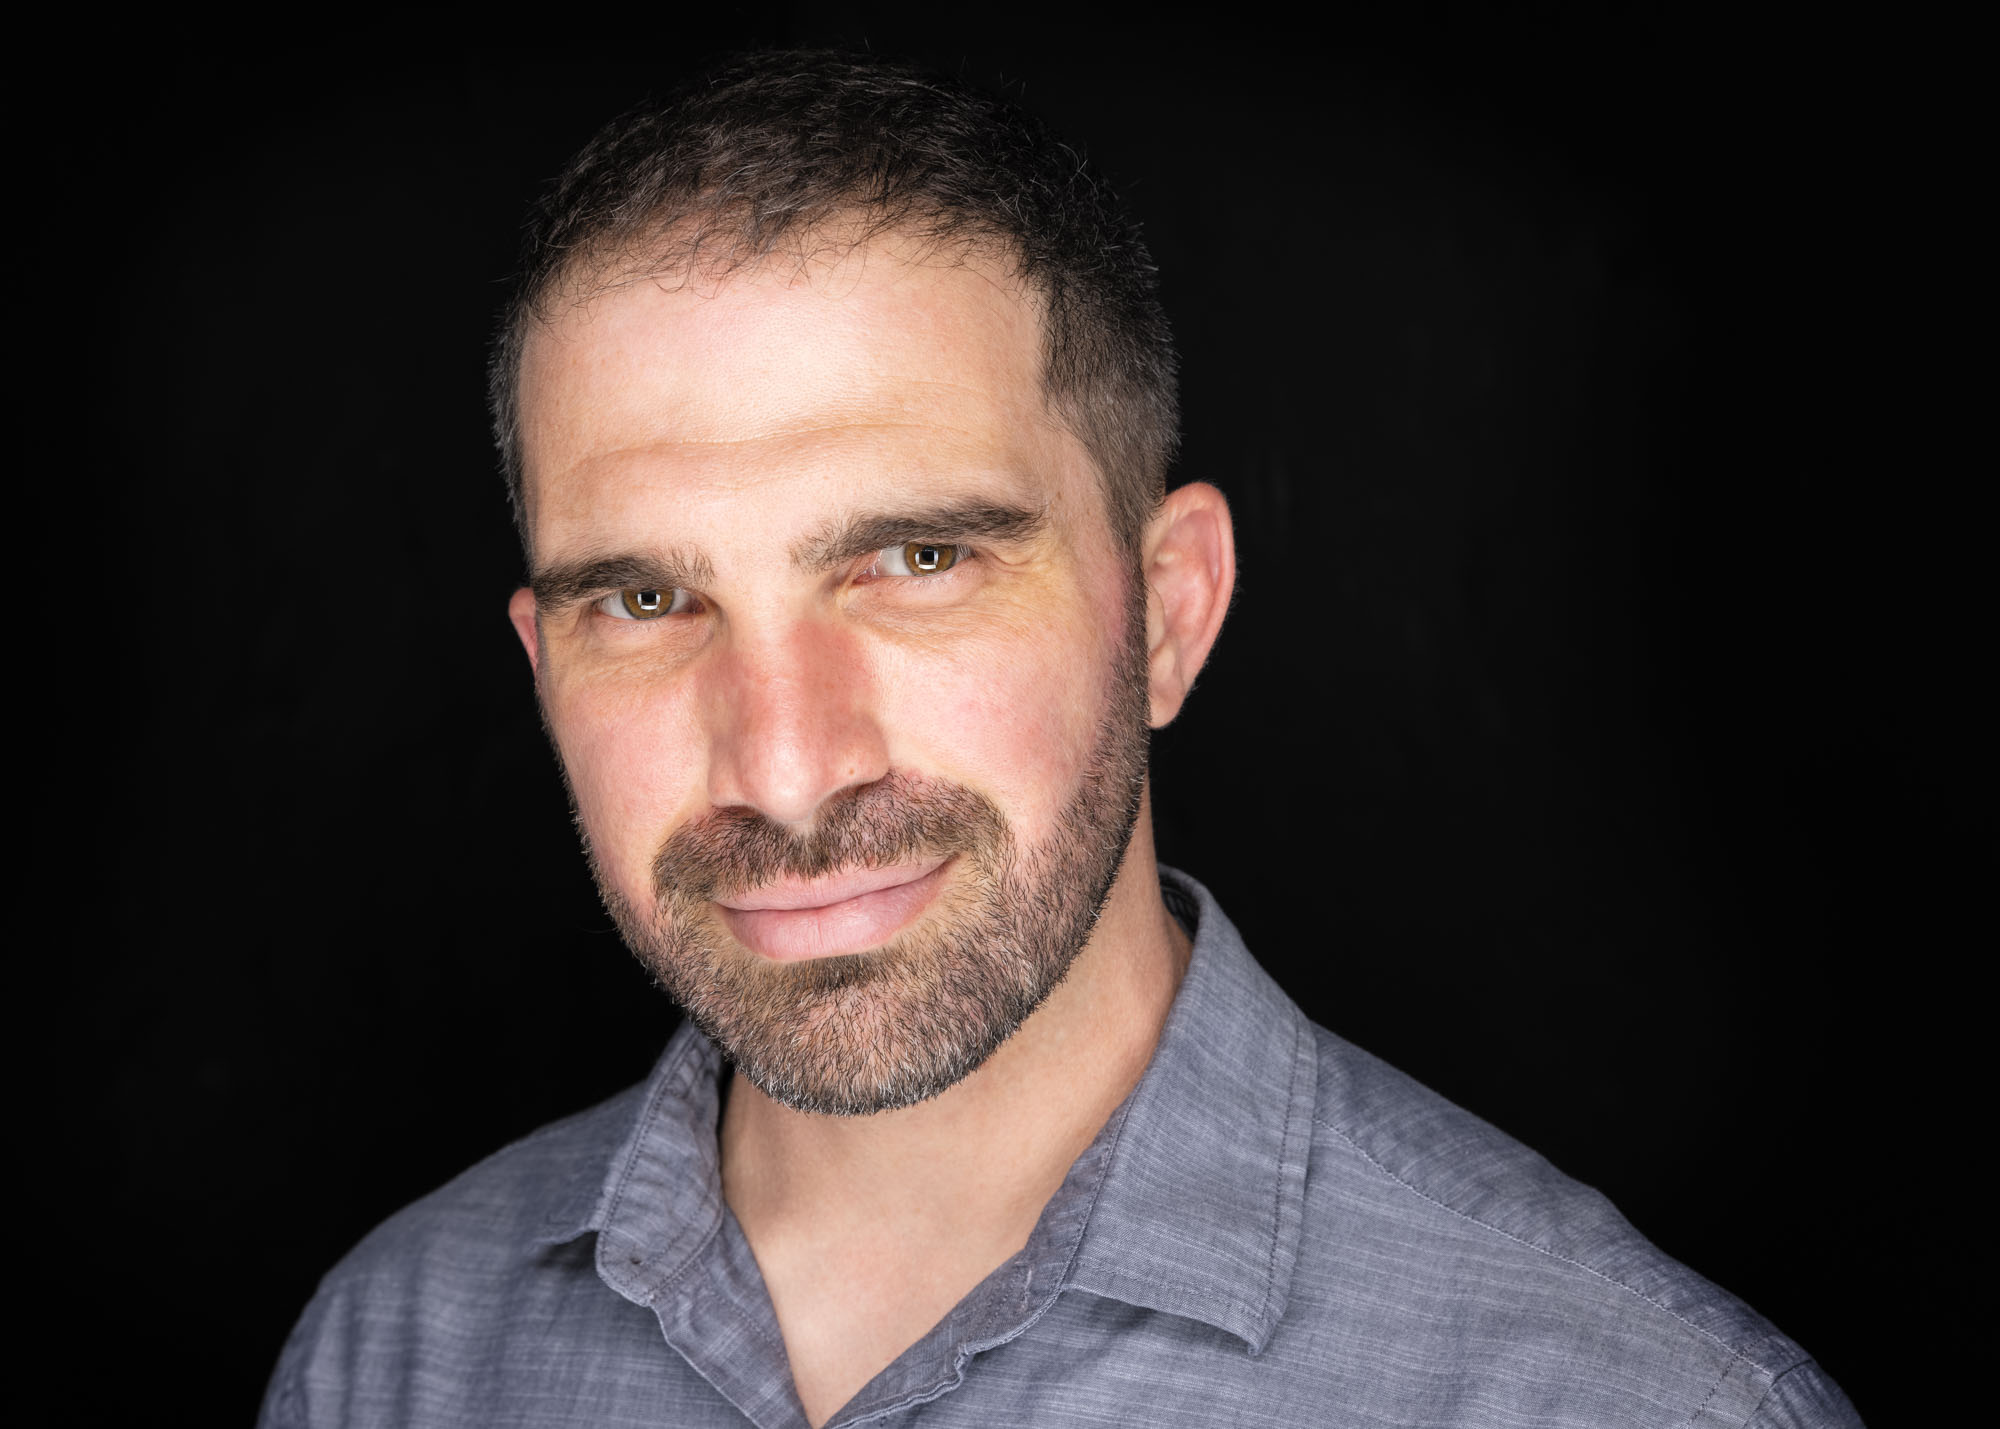 Headshot of portrait photographer Jason Guy on black background